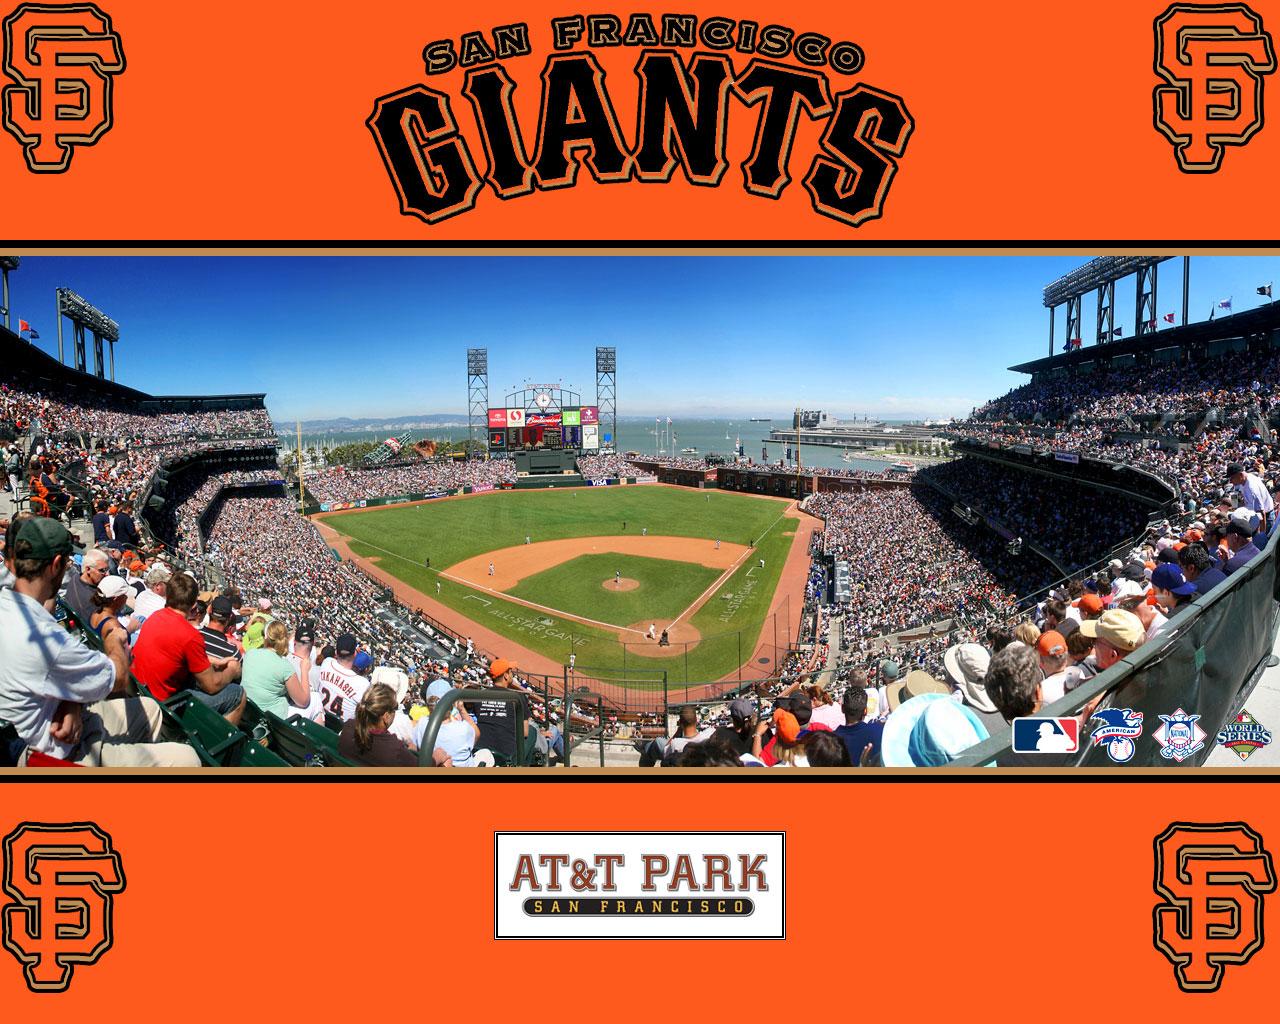 San Francisco Giants Wallpaper 1280 X 1024 32738 HD 1280x1024